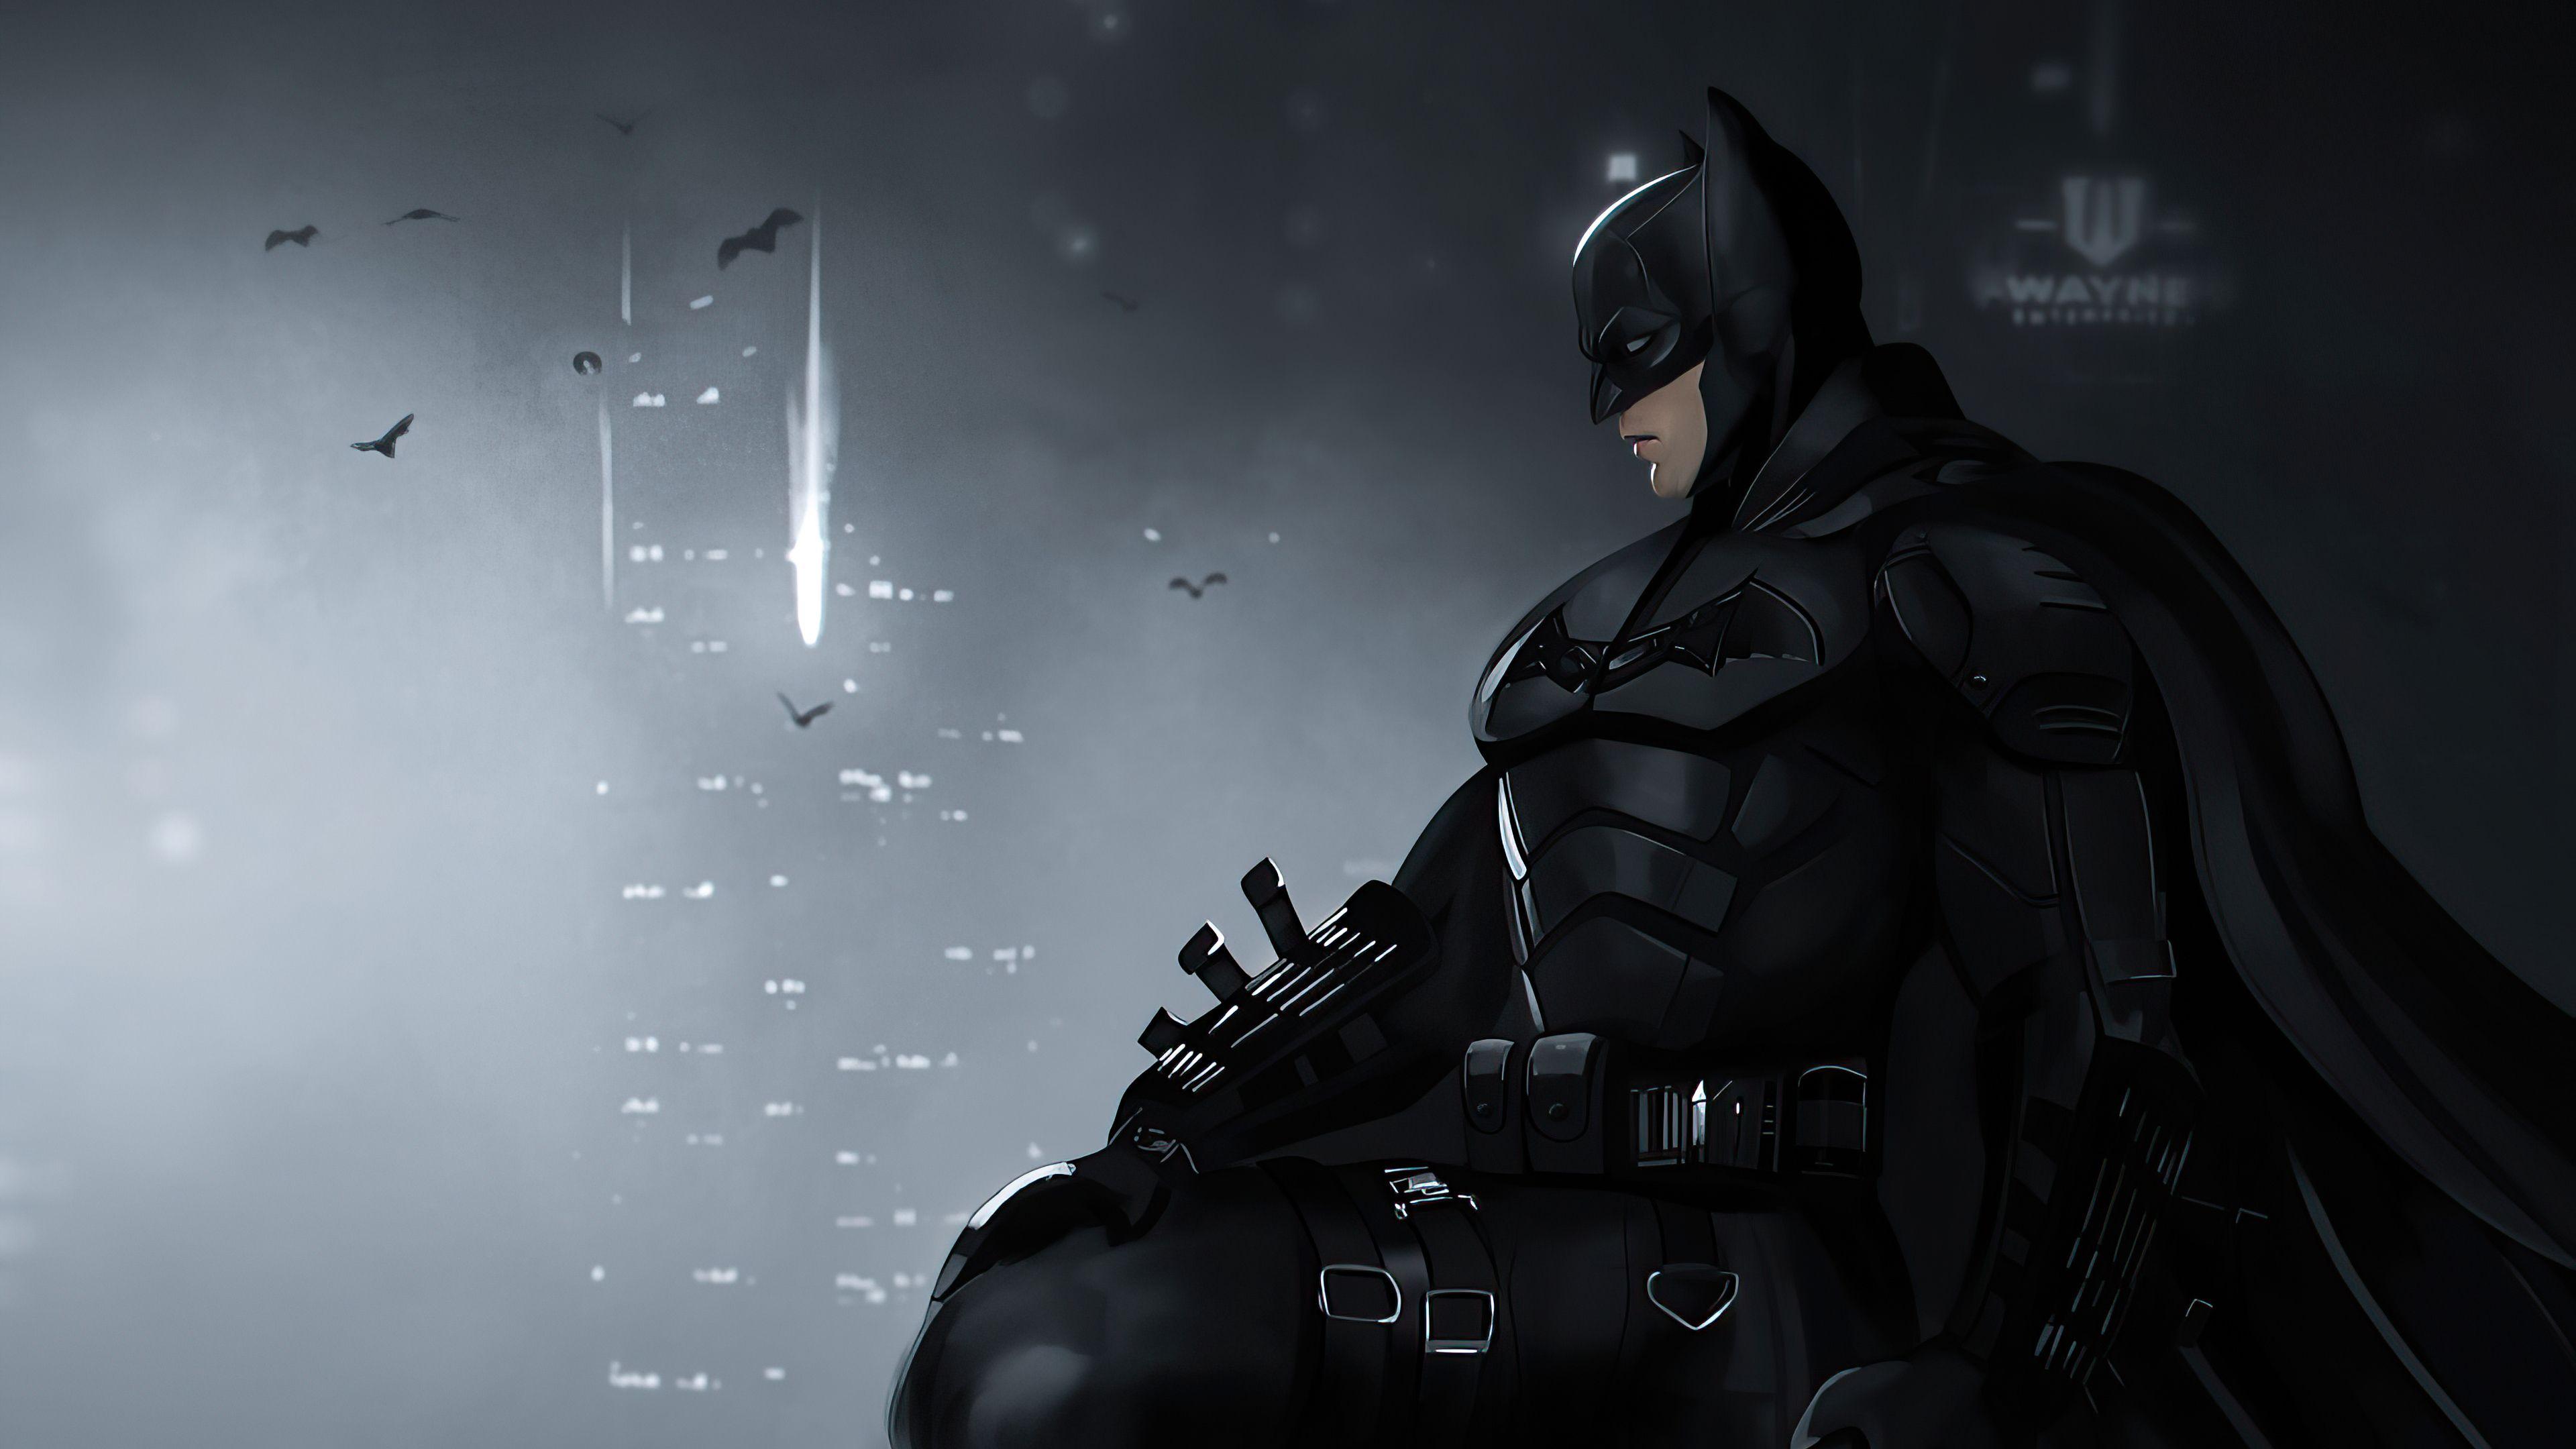 Batman 2021 4k Wallpapers - Wallpaper Cave